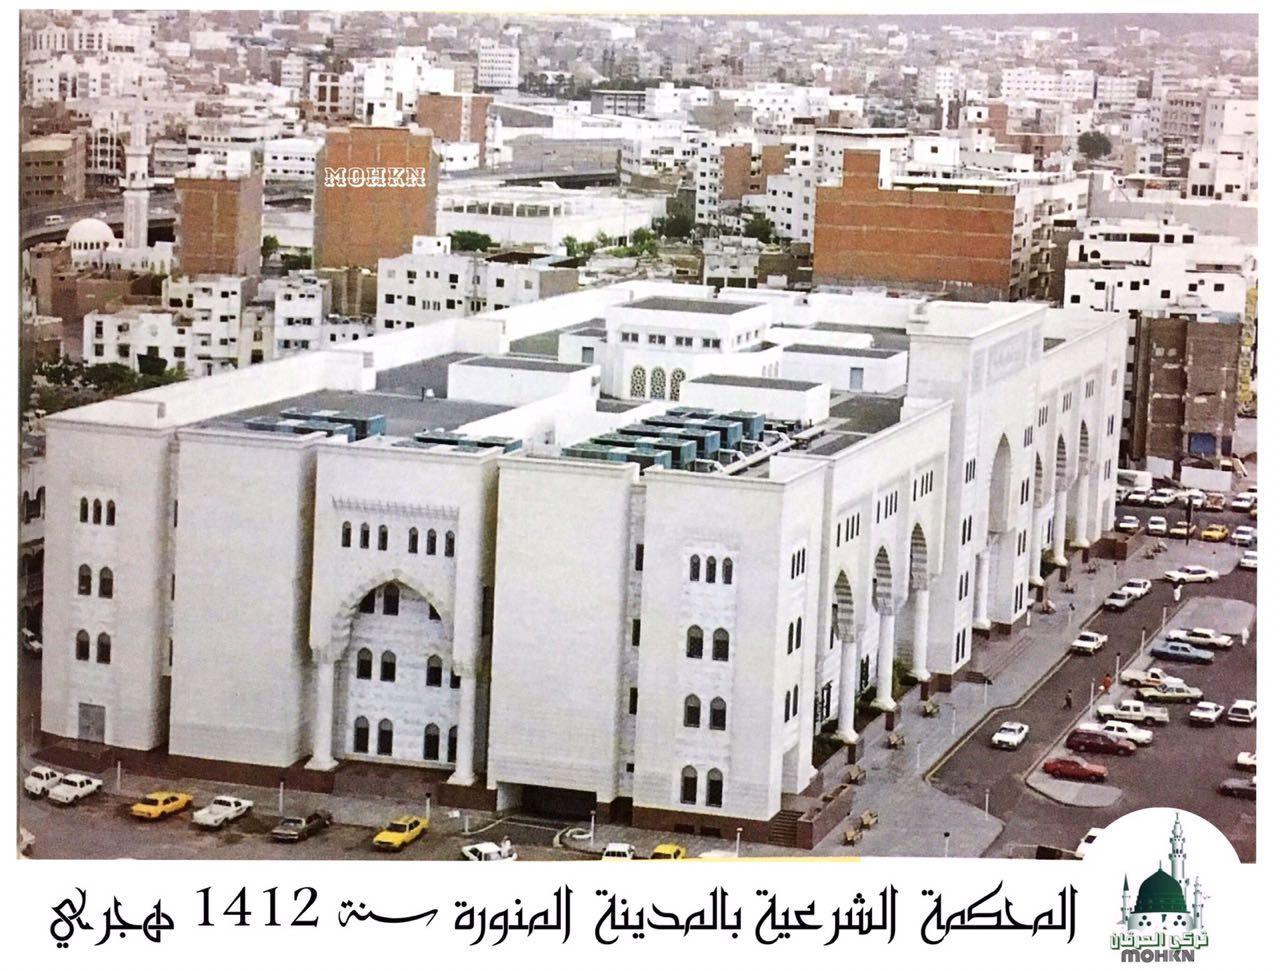 المحكمة الشرعية بالمدينة المنورة 1412 هـ Floor Plans Madina Al Madinah